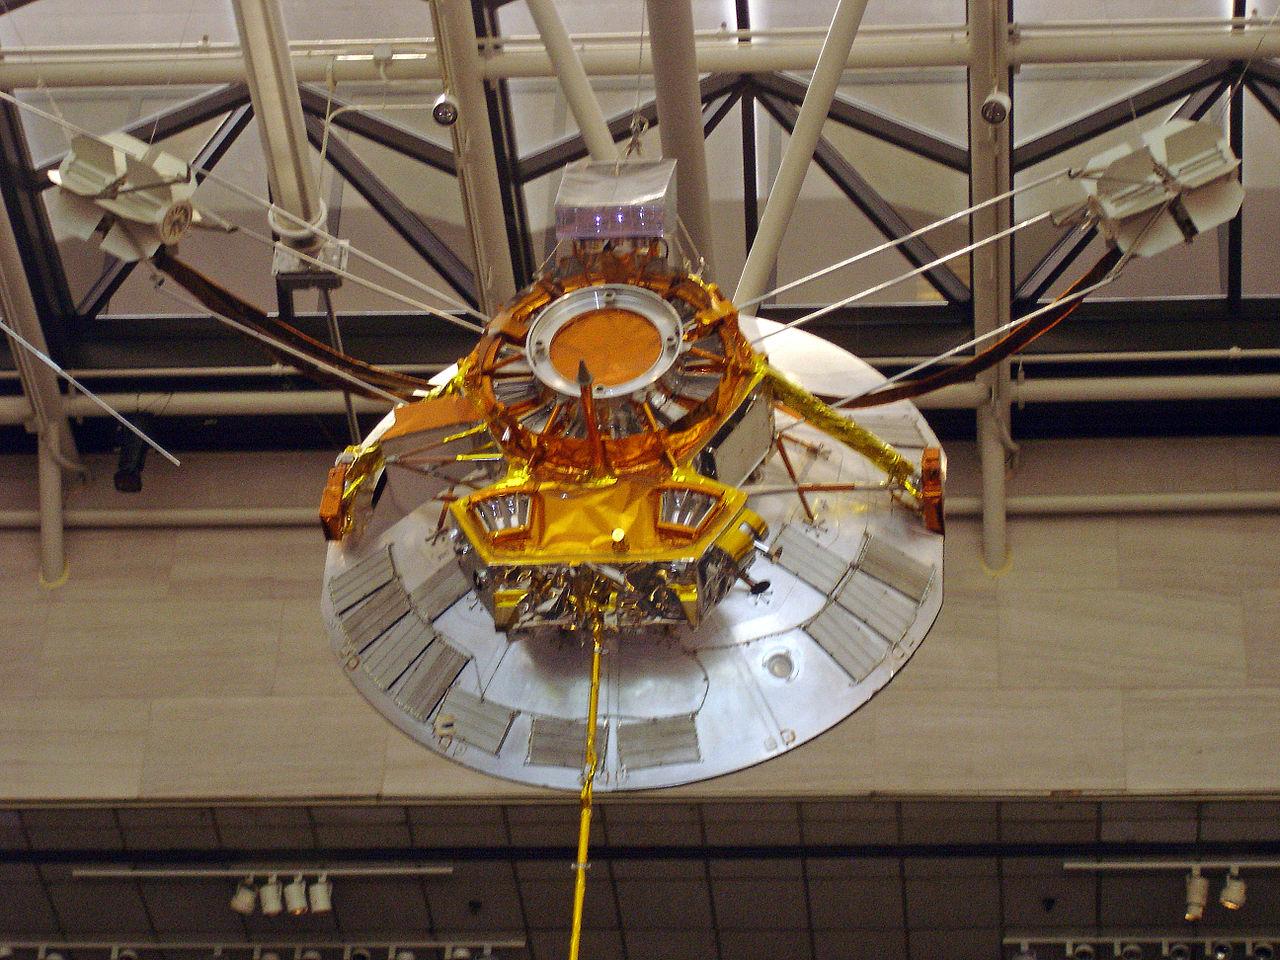 Национальный музей авиации и космонавтики, аппарат «Пионер»